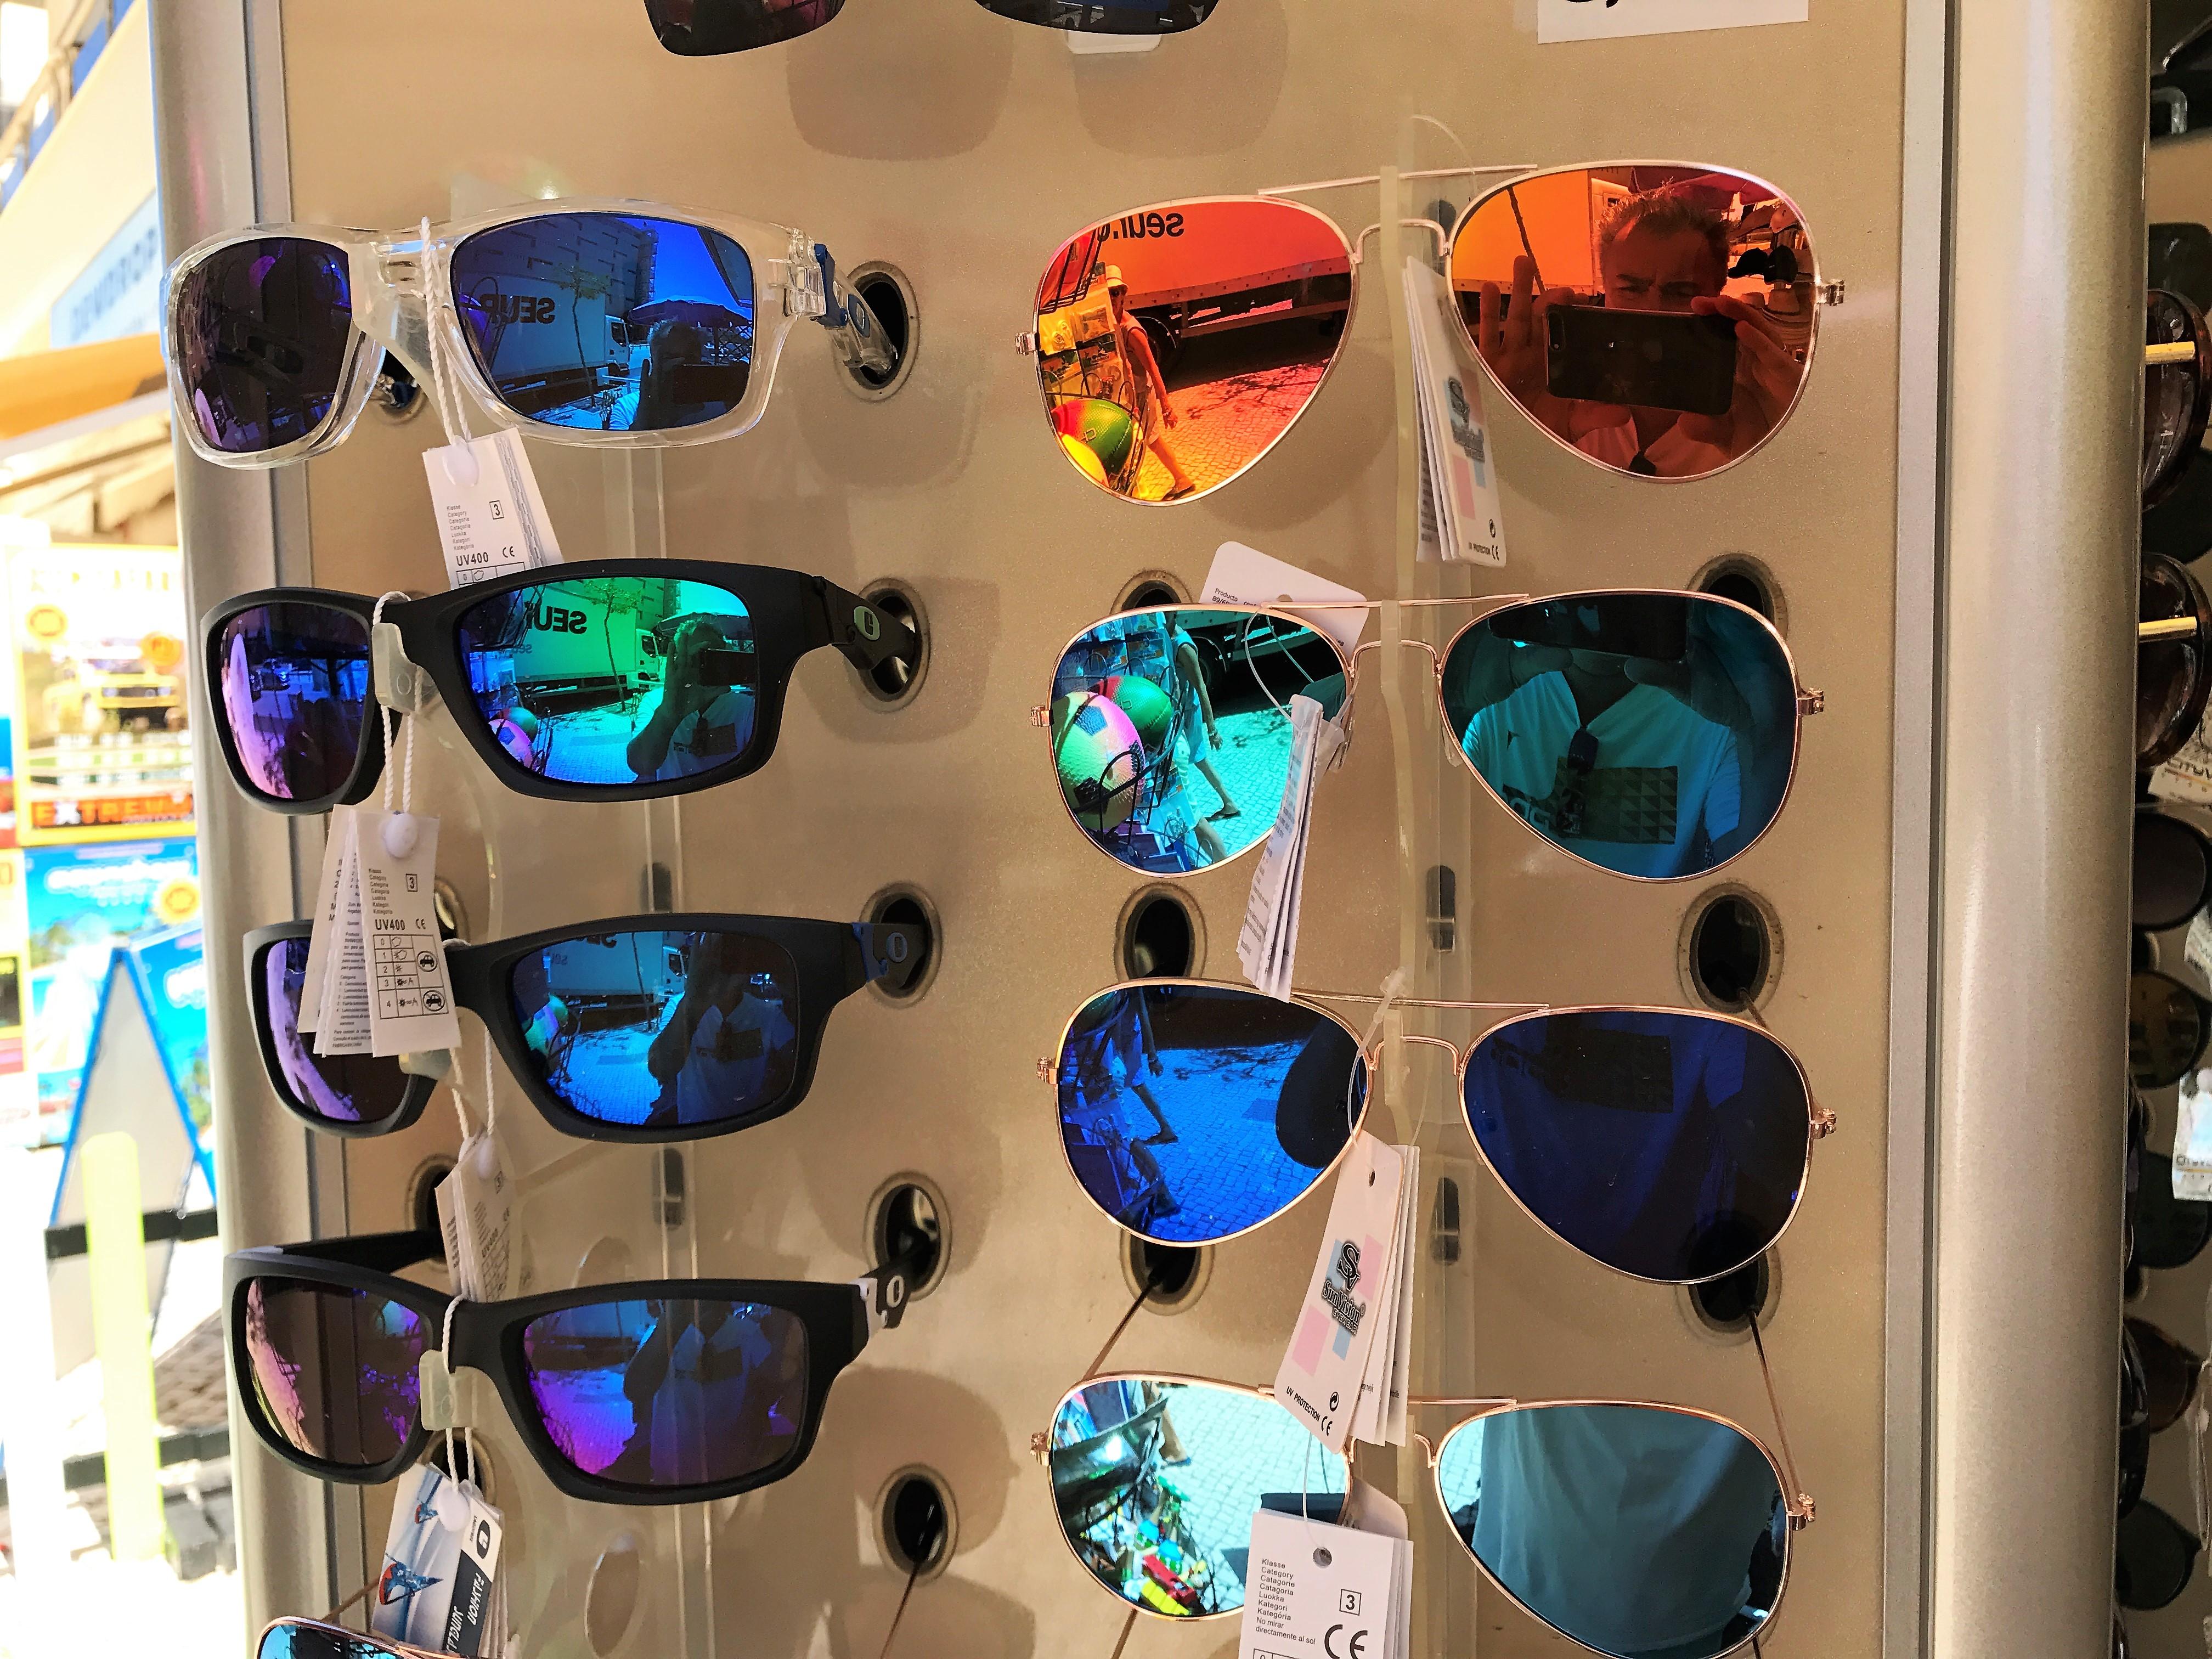 Qual Der Wahl An Der Algarve: Nicht Die Bunteste Ist Die Beste  Sonnenbrille. Foto: Hans Joachim Allgaier